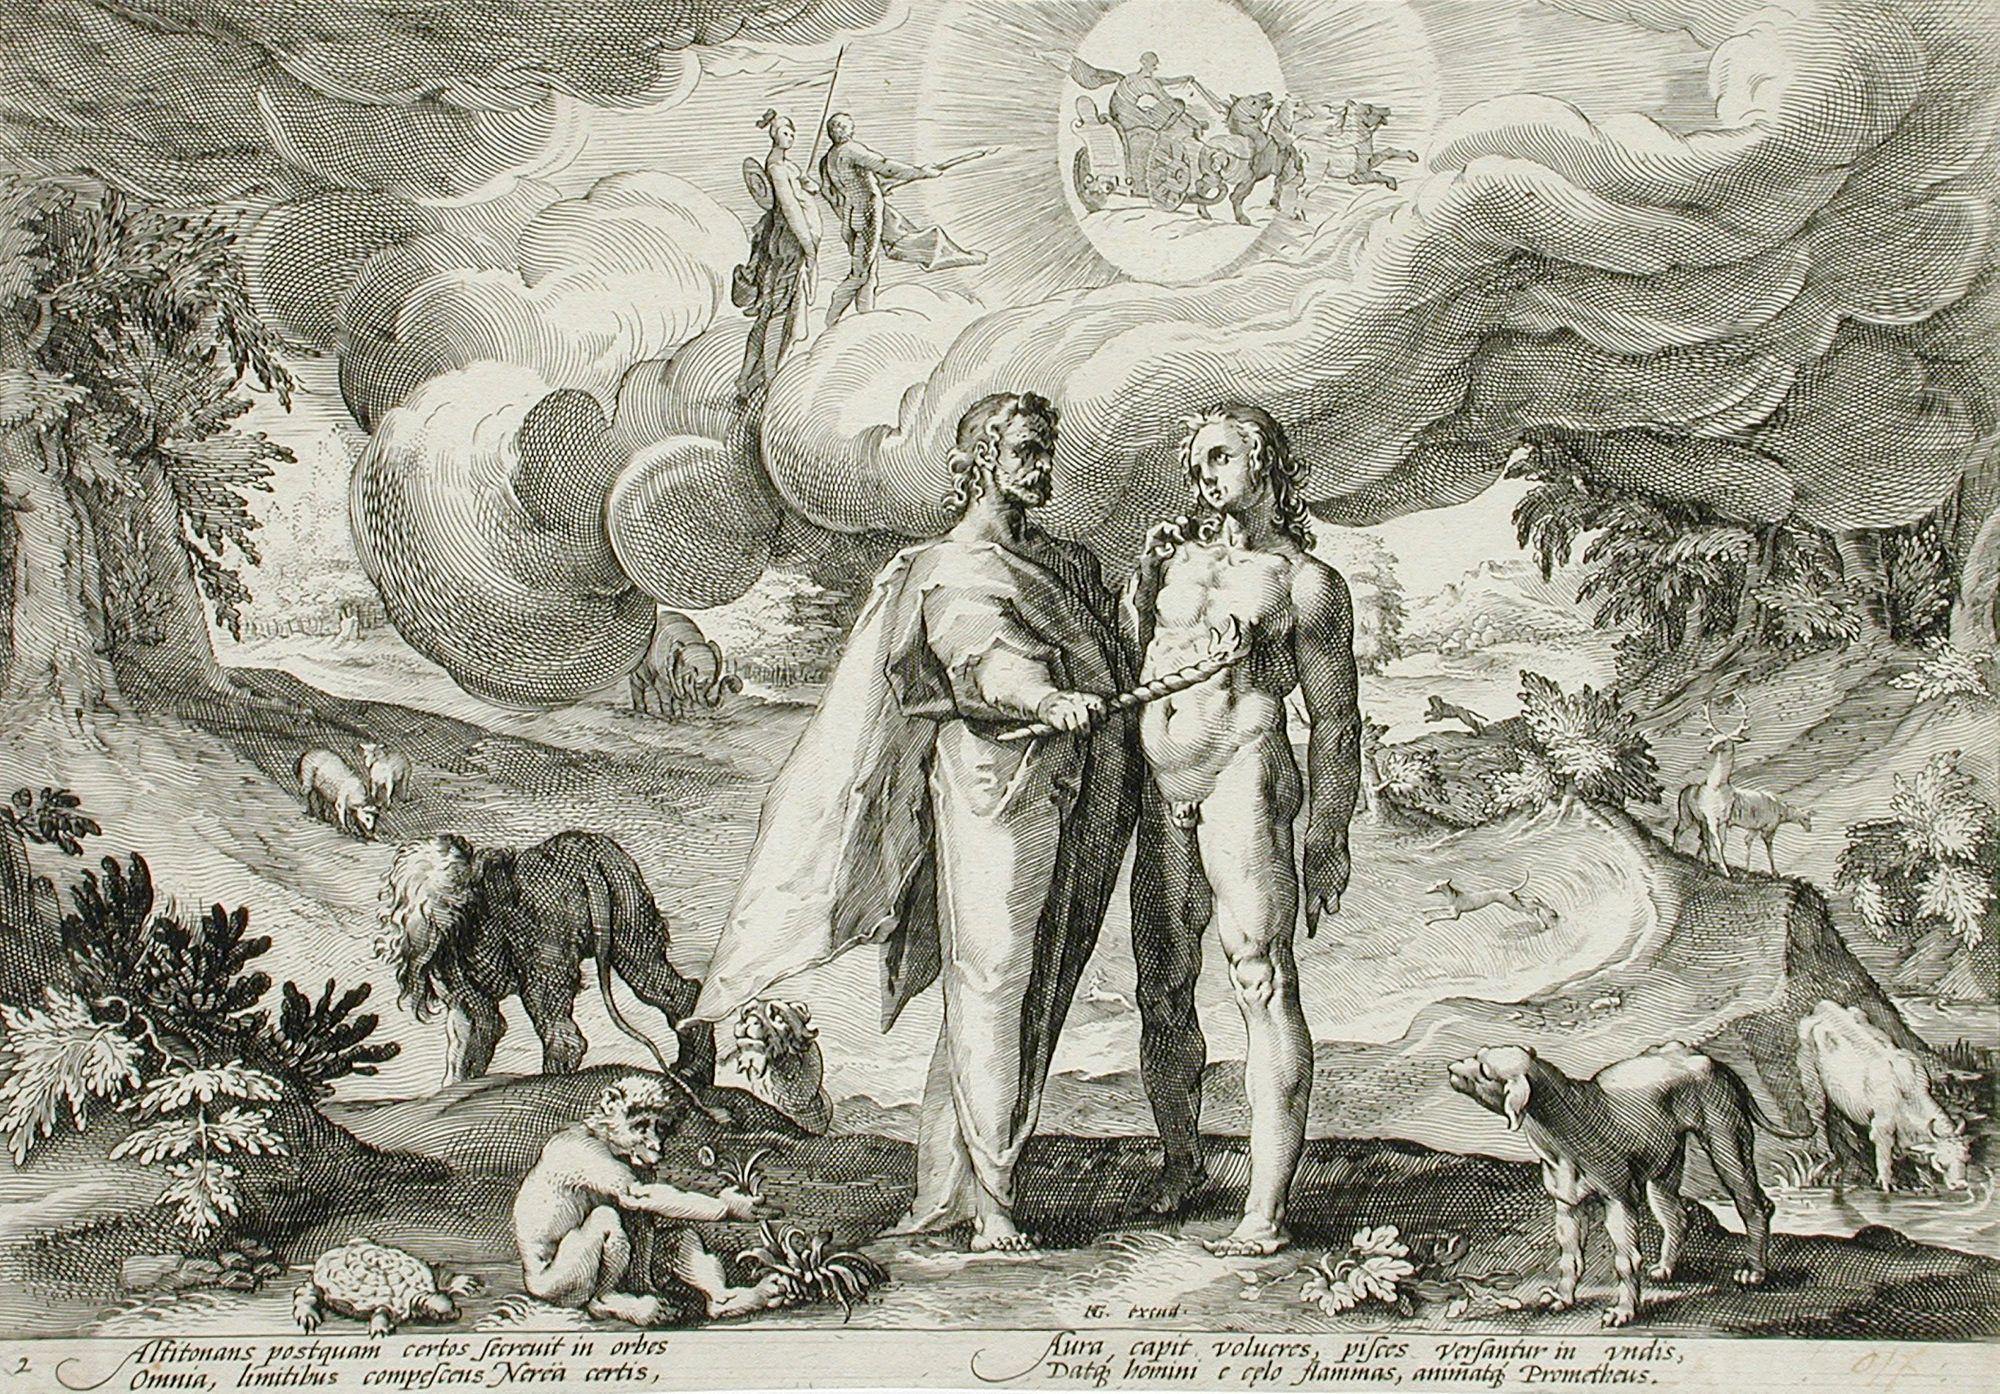 Prometeo crea a los seres humanos en una imagen de Hendrik Goltzius que ilustra una de las versiones de Las Metamorfosis de Ovidio.